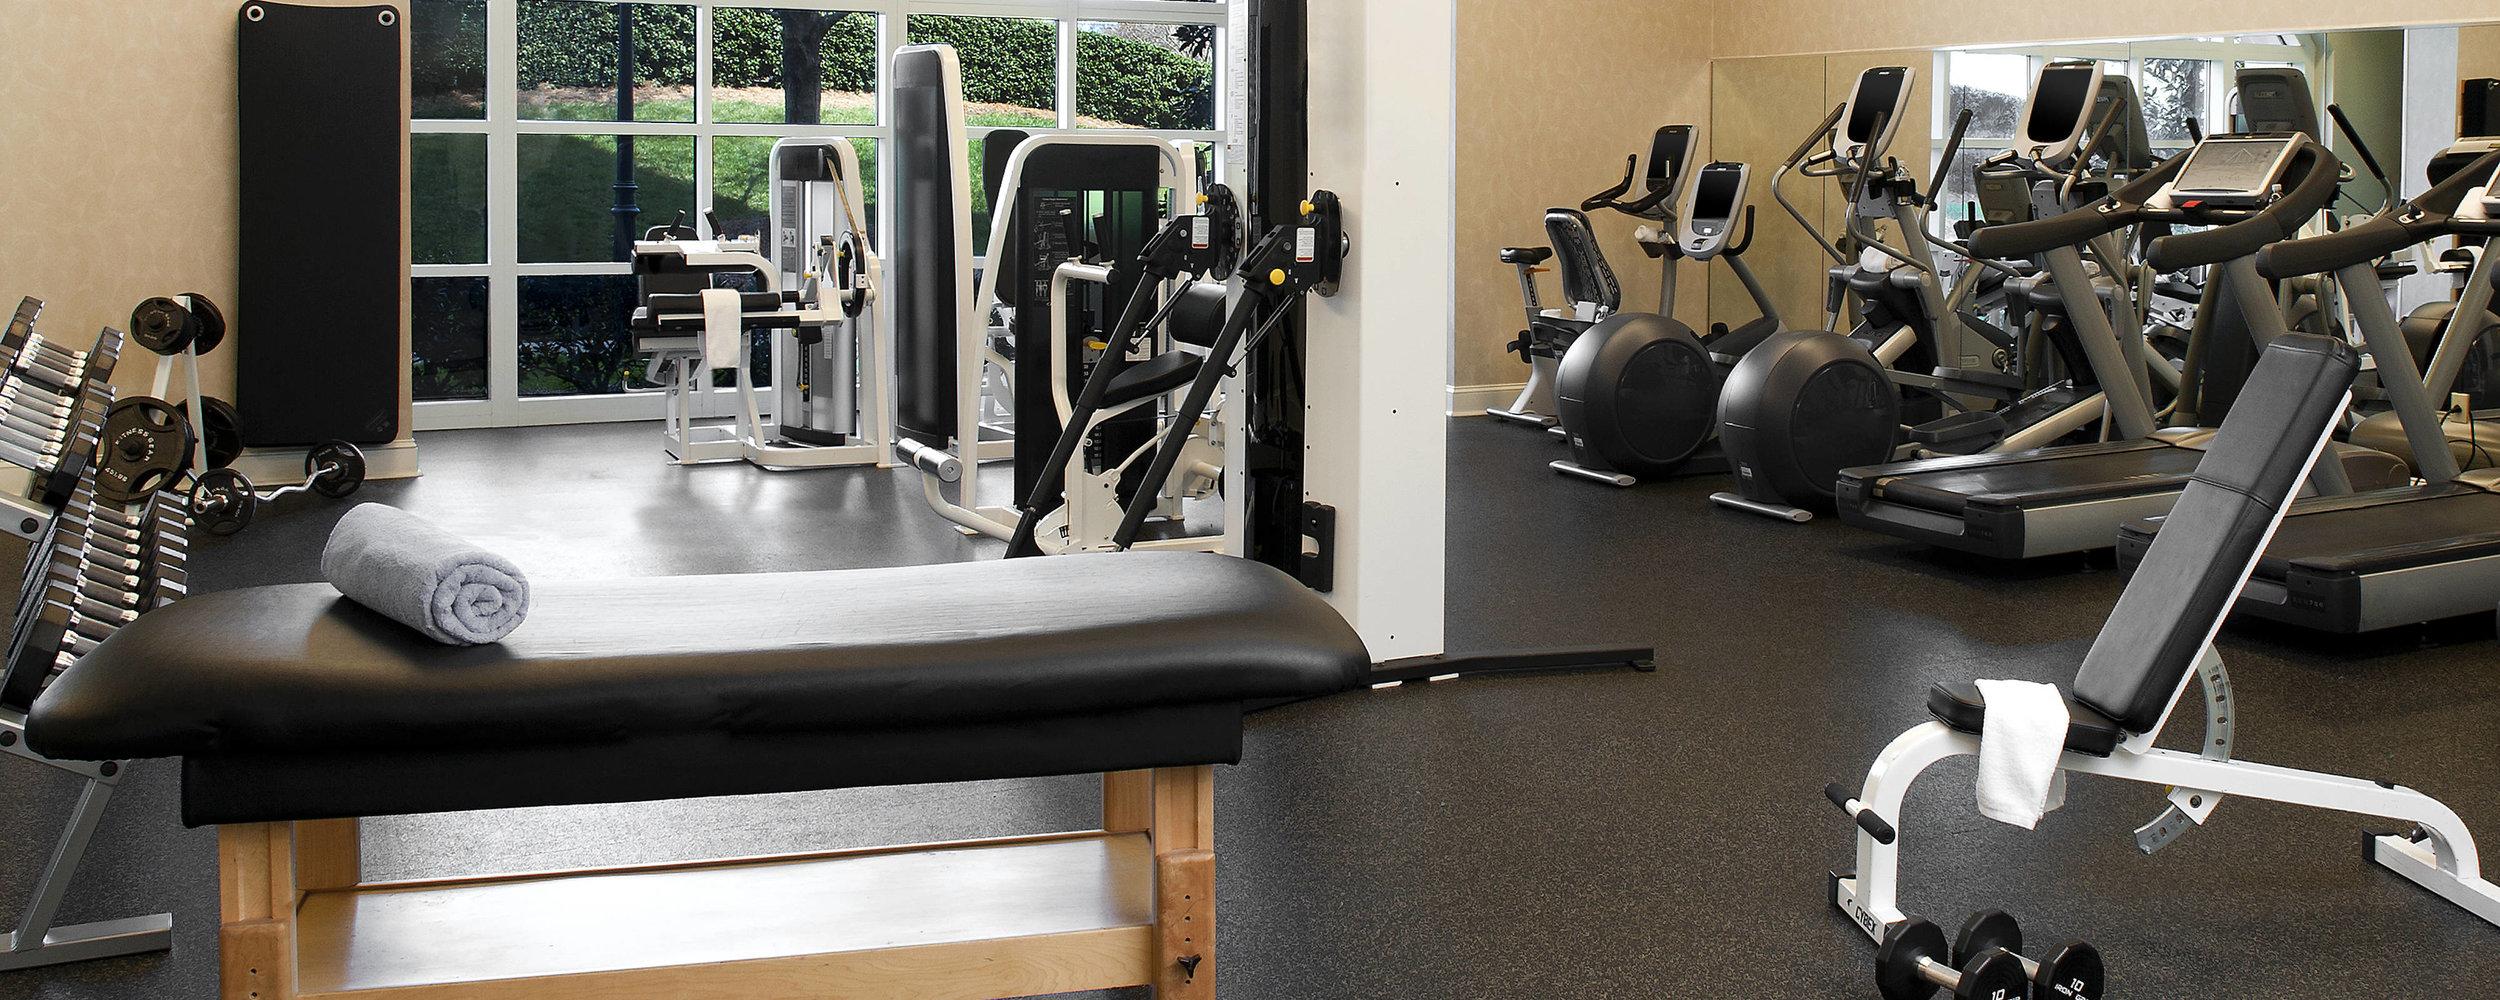 cltlc-fitness-center-0332-hor-feat.jpg